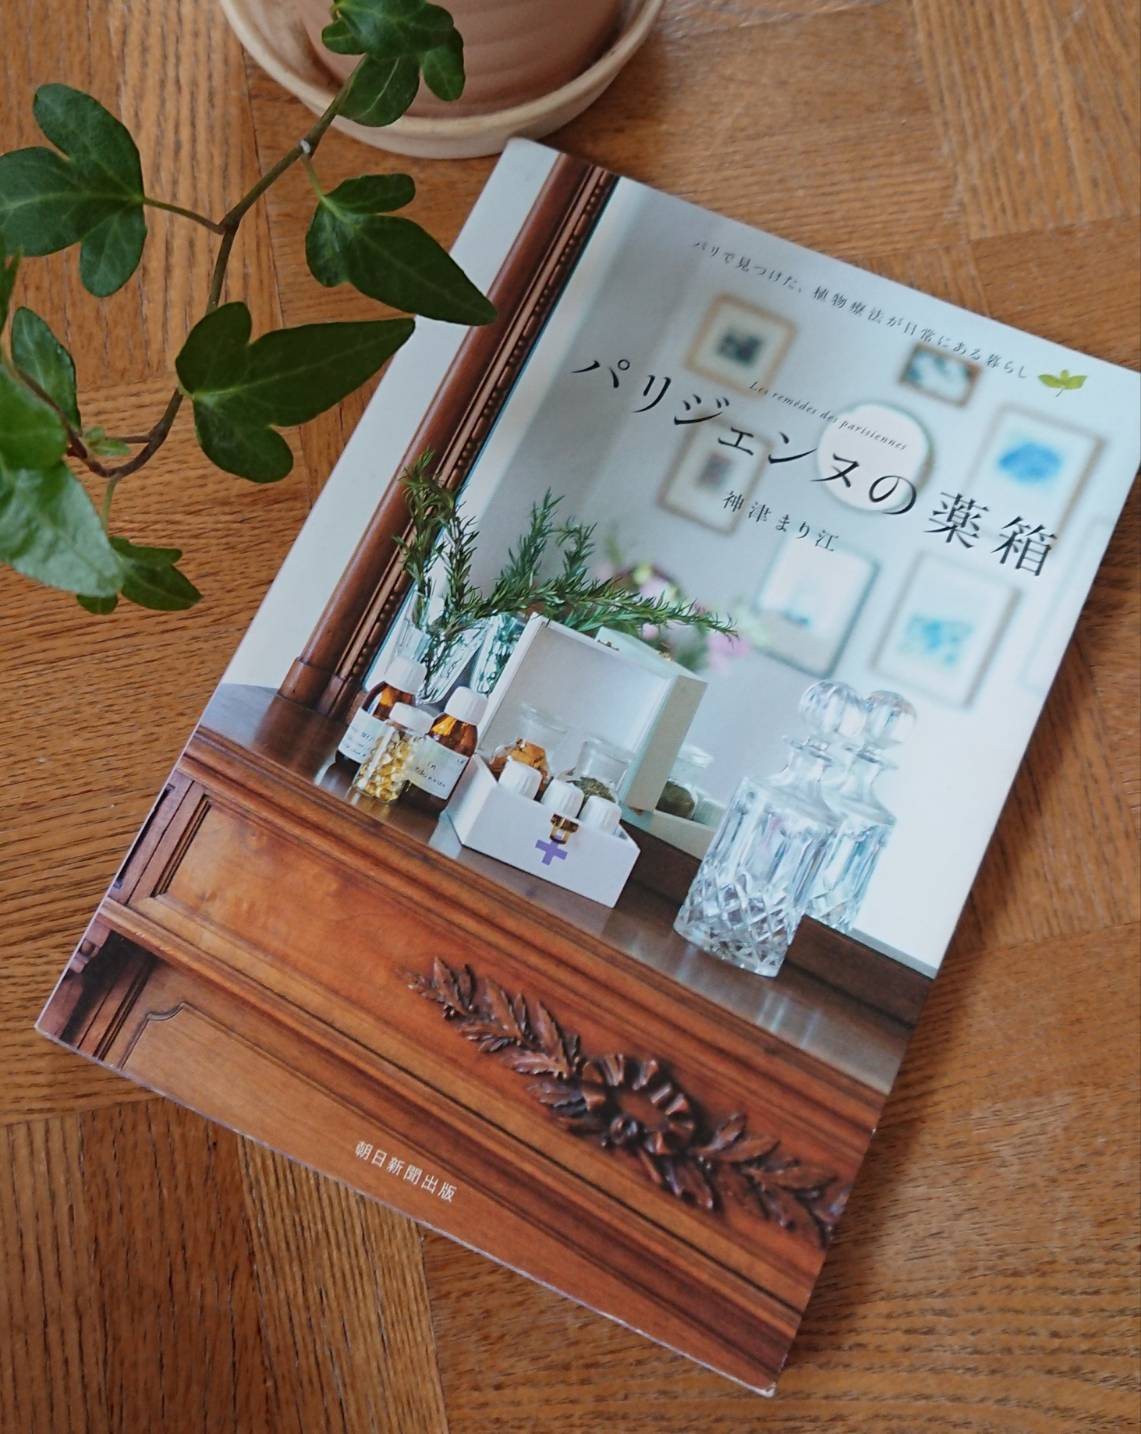 購入し、お気に入りの本「パリジェンヌの薬箱(神津まり江さん)」